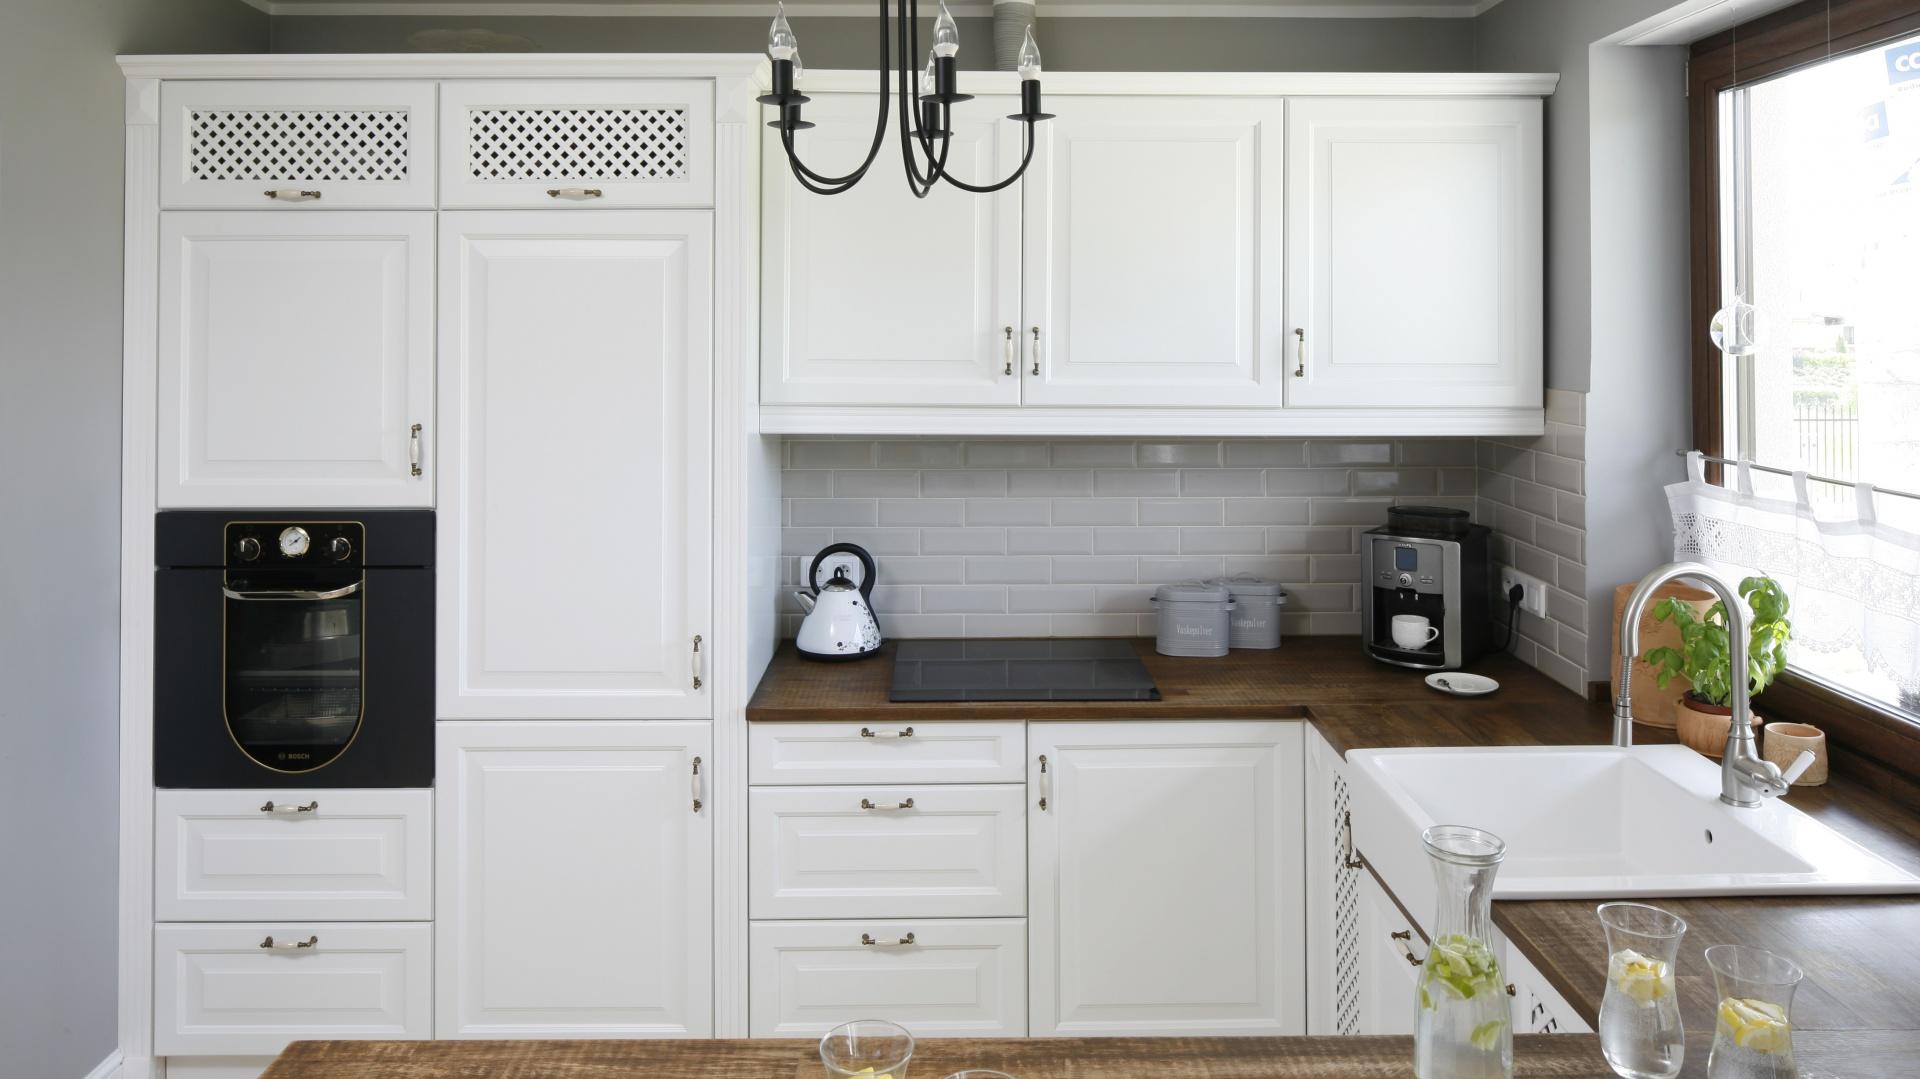 Białe klasyczne meble...  Modna kuchnia: wybierz biel z drewnem  Strona: 9